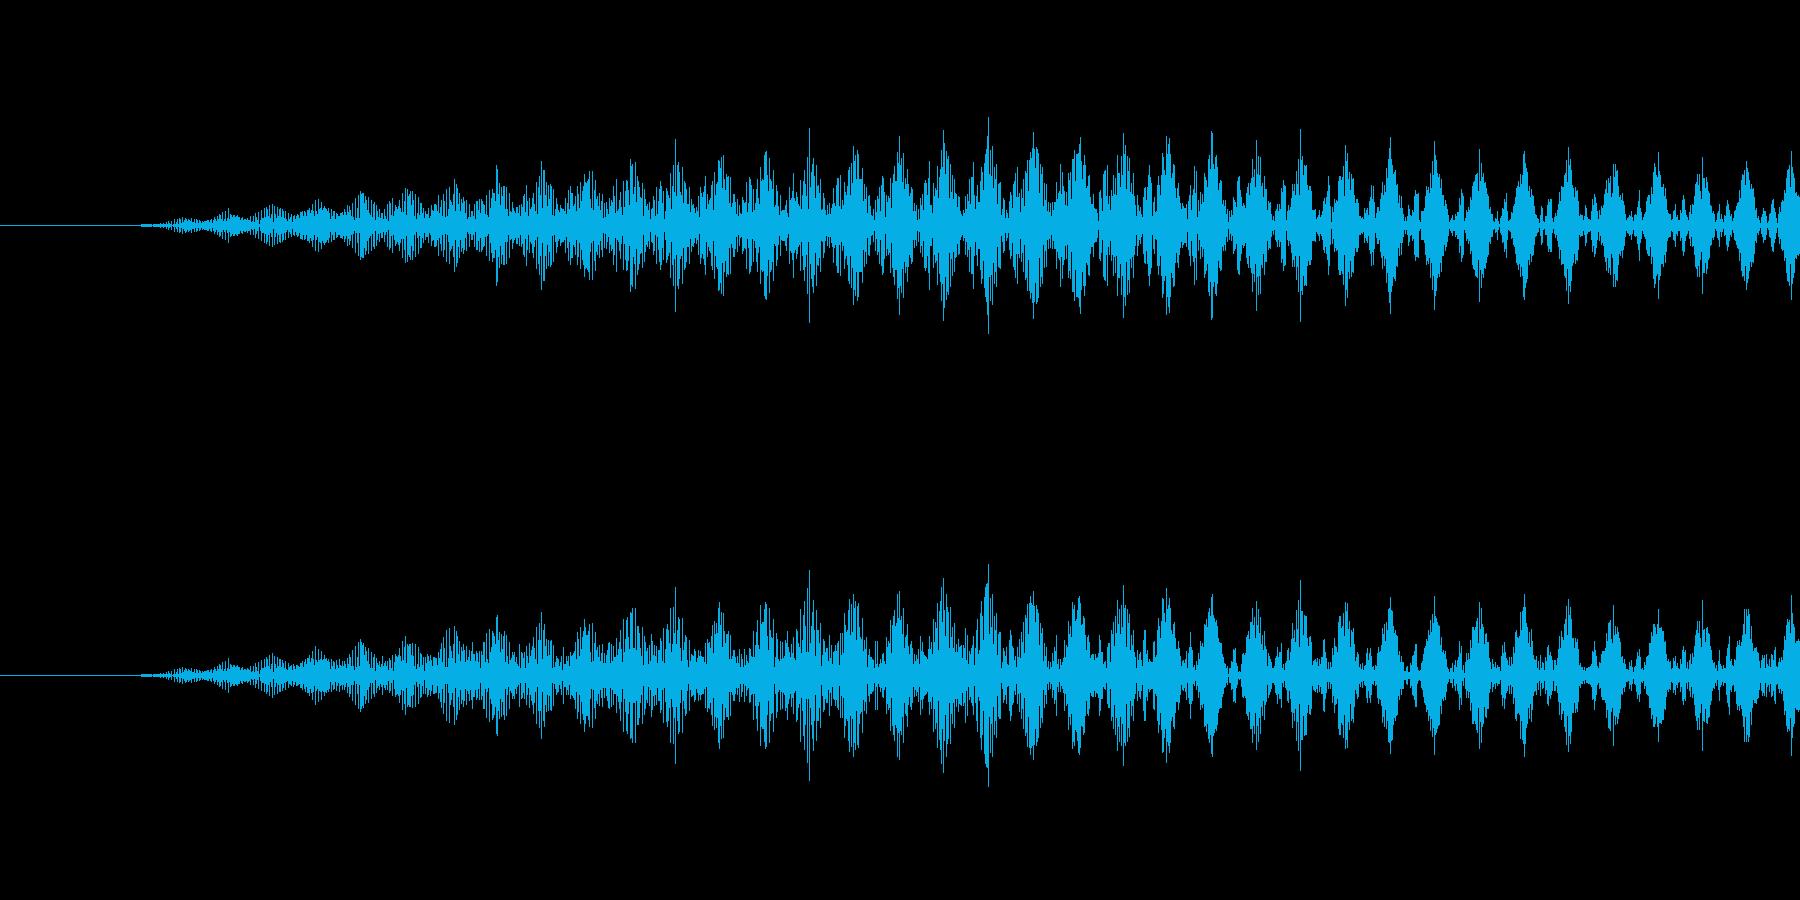 回復音の再生済みの波形